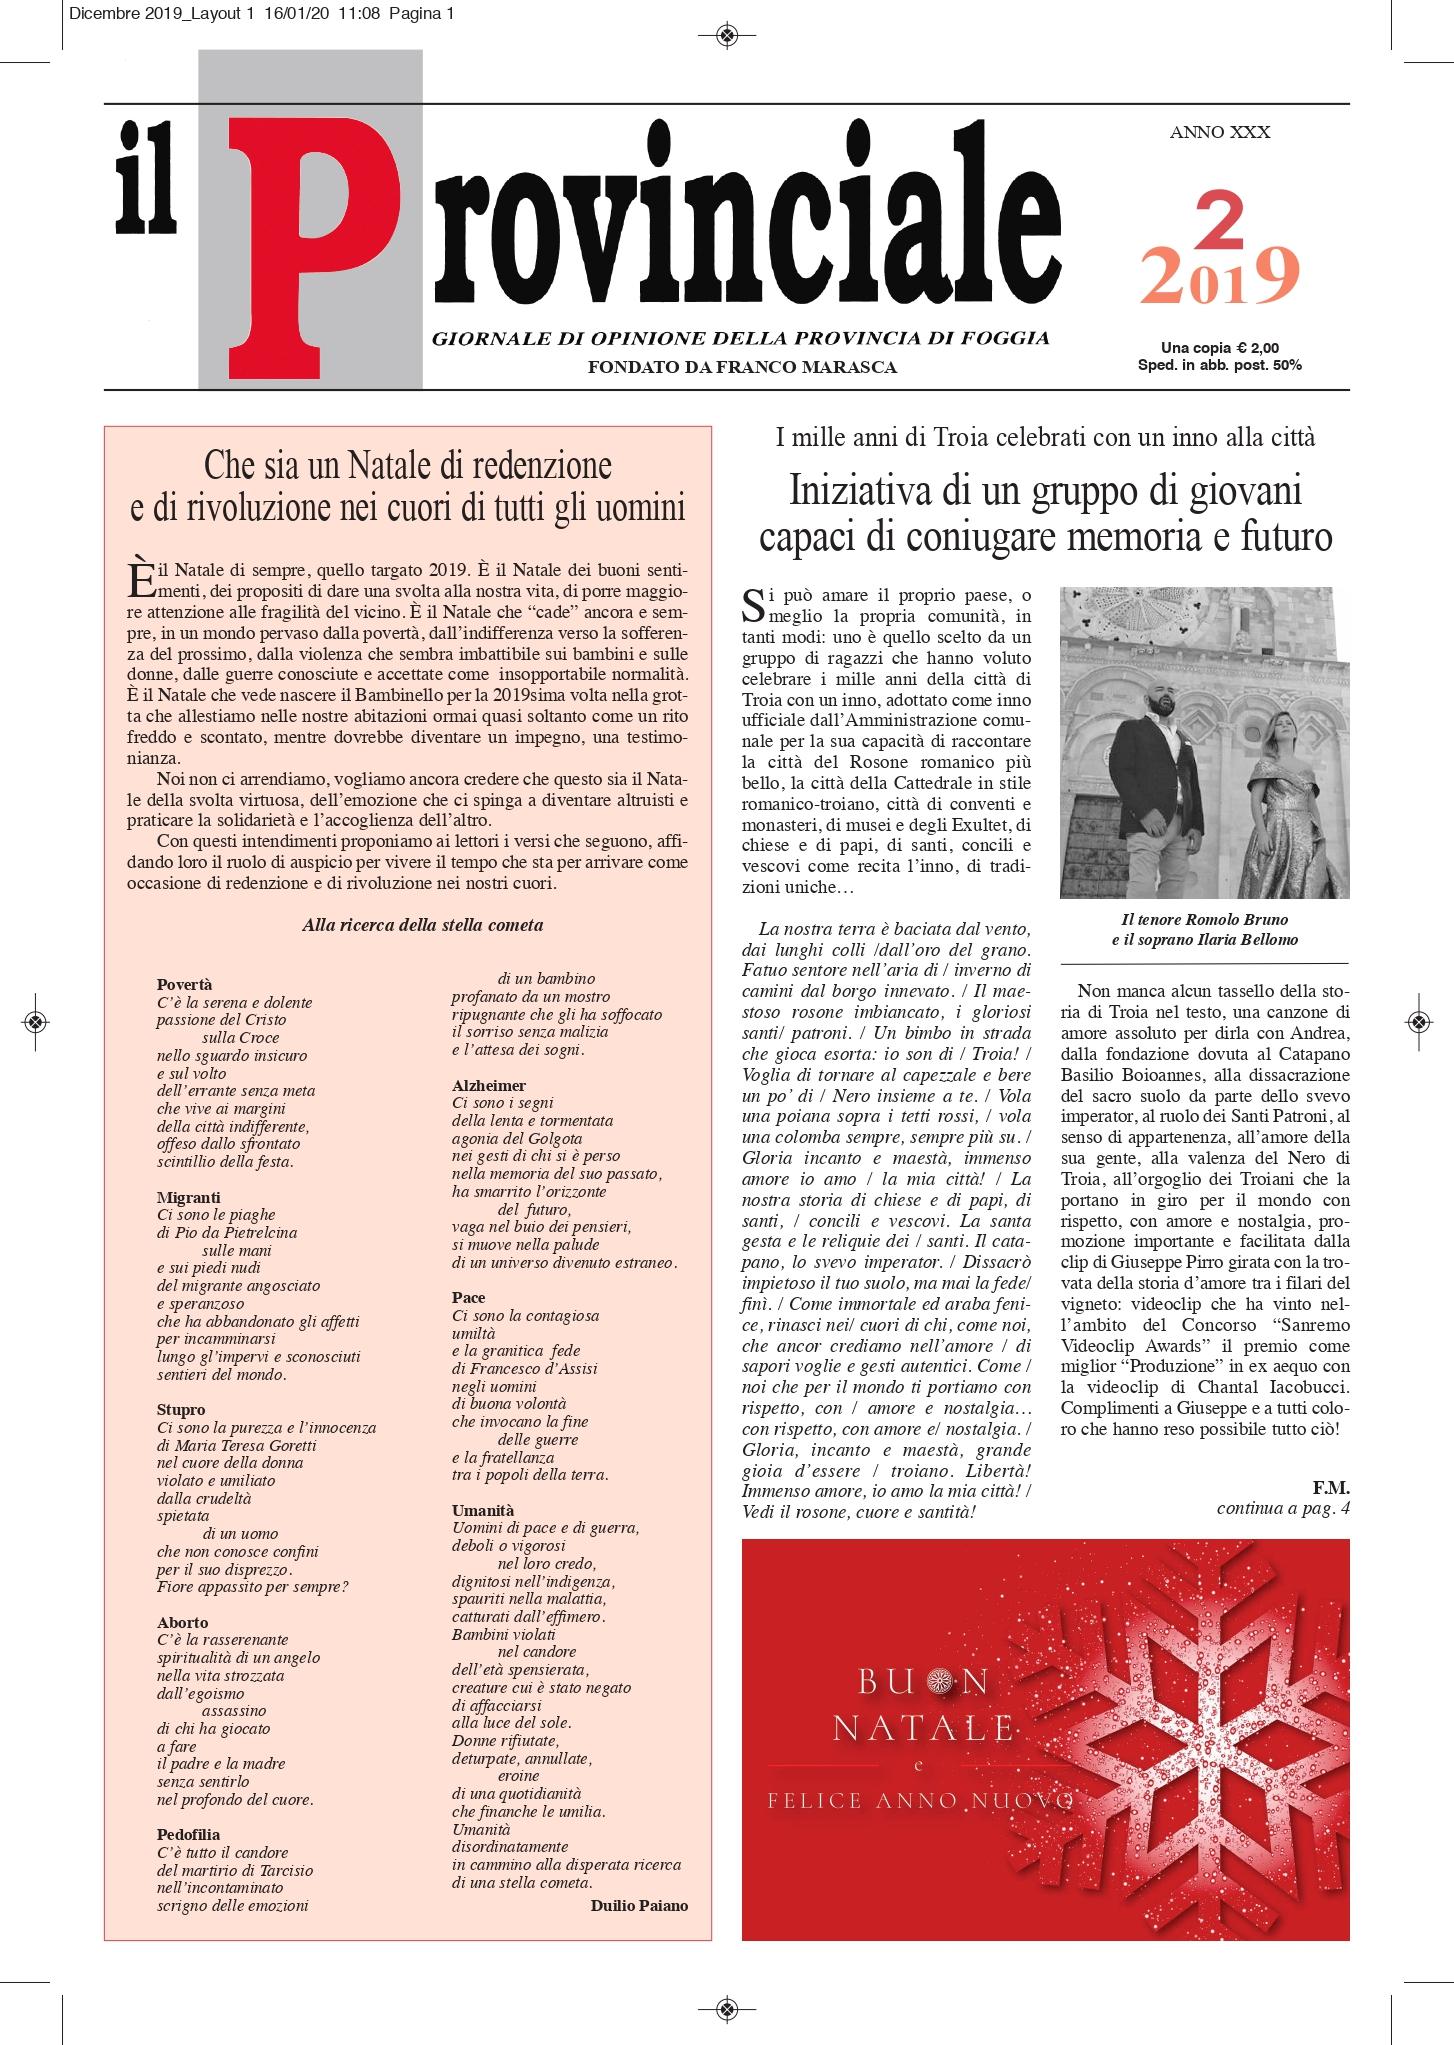 cop-il-provinciale-e-il-rosone-oggi-22019